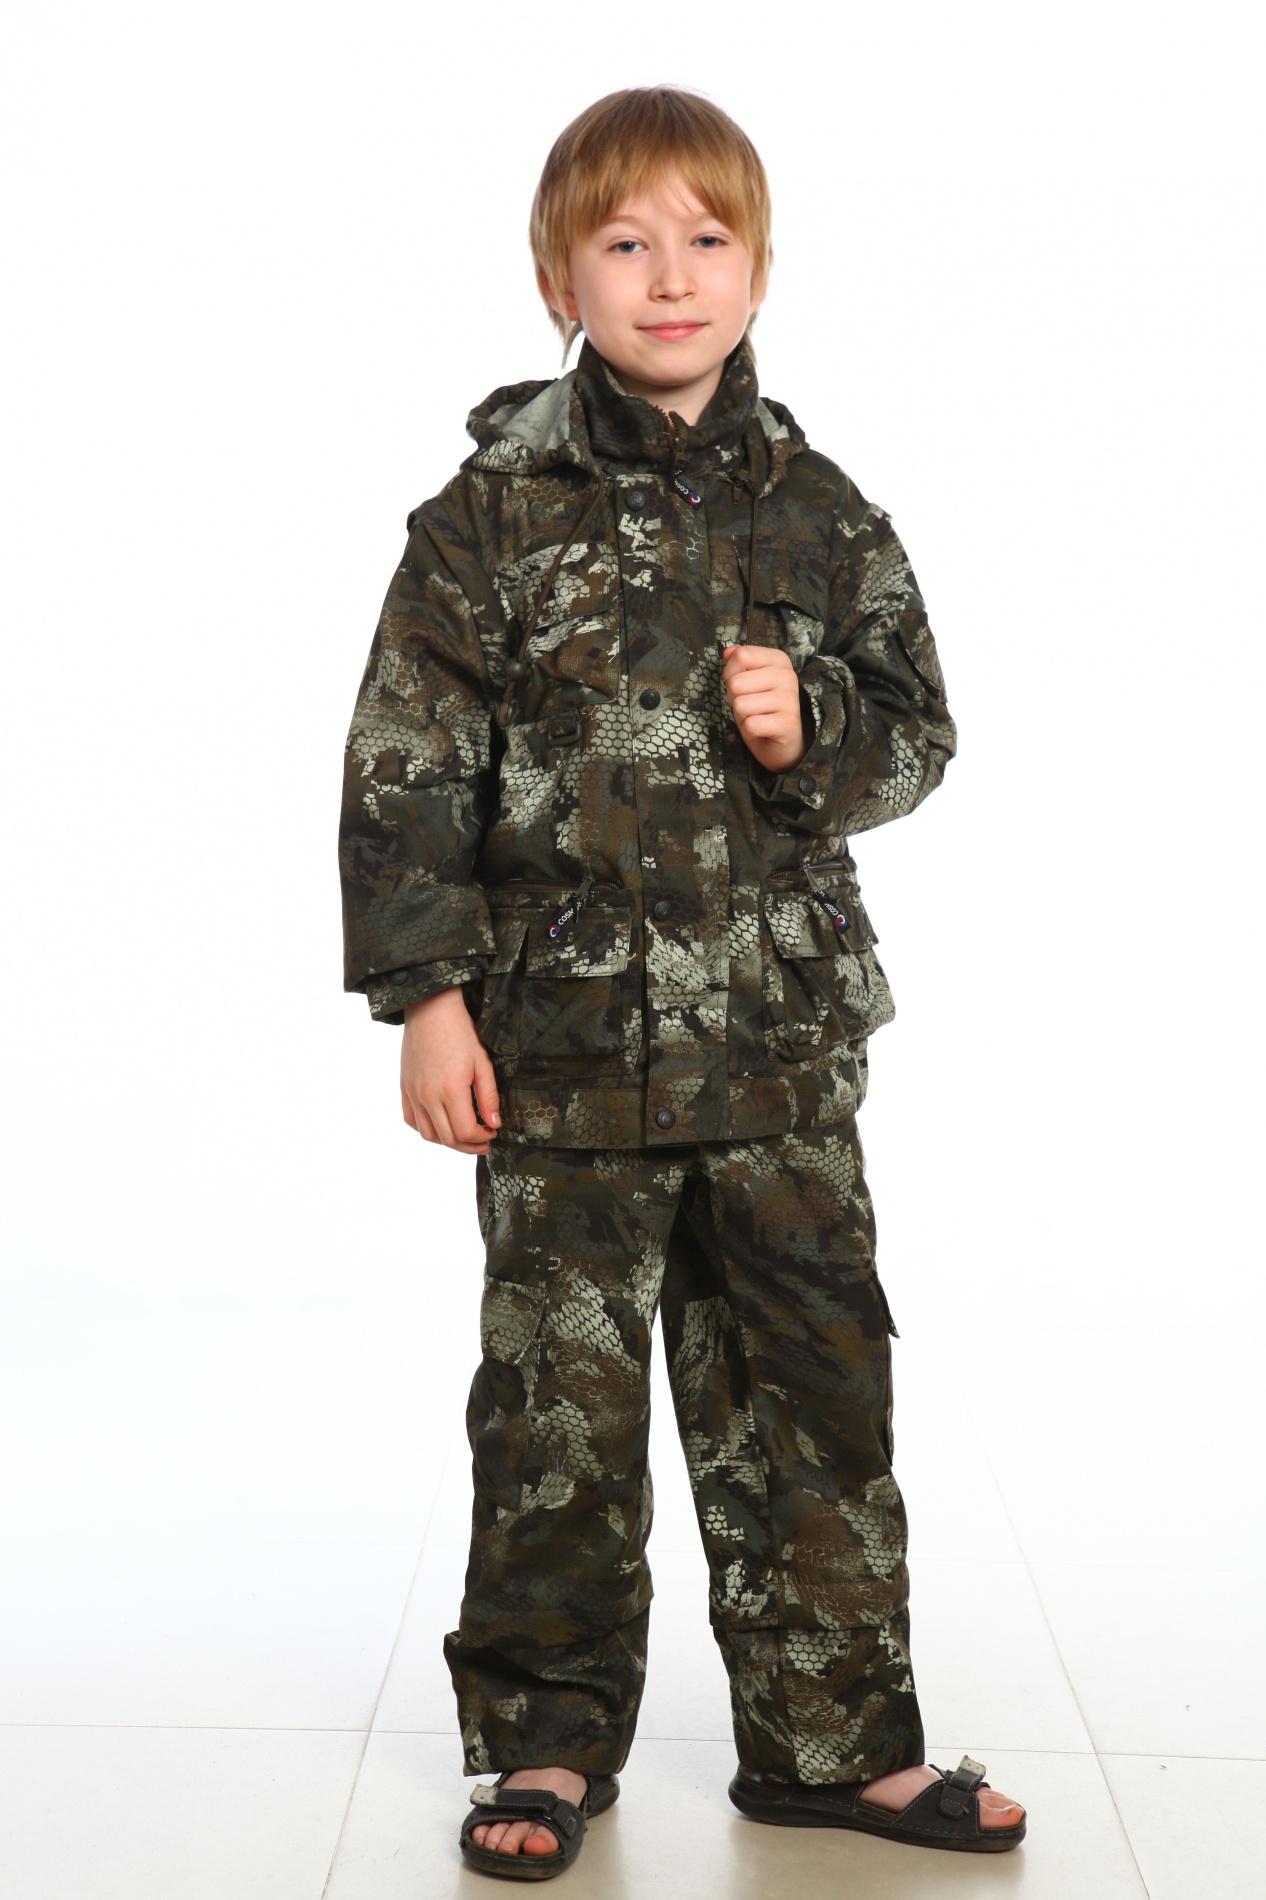 Костюм детский Трансформер (134)Костюмы неутепленные<br>Костюм летний без подкладки. Трансформер. <br>Куртка + брюки. Пристегивающийся на молнию <br>капюшон с регулировкой лицевой части резиновым <br>шнуром. Центральная застежка куртки на <br>молнию, закрытую ветрозащитной планкой <br>на кнопках. Рукава куртки пристегиваются <br>на молнию. Застежка брюк на молнию. На брюках <br>пристегивающиеся на молнию нижние части. <br>Низ брюк - с регулировкой по ширине резиновым <br>шнуром. Количество карманов - 17. Ткань - Твилл <br>Пич Состав - 65% х/б, 35% п/э Плотность - 210гр./кв.м.<br><br>Пол: мужской<br>Рост: 134<br>Сезон: лето